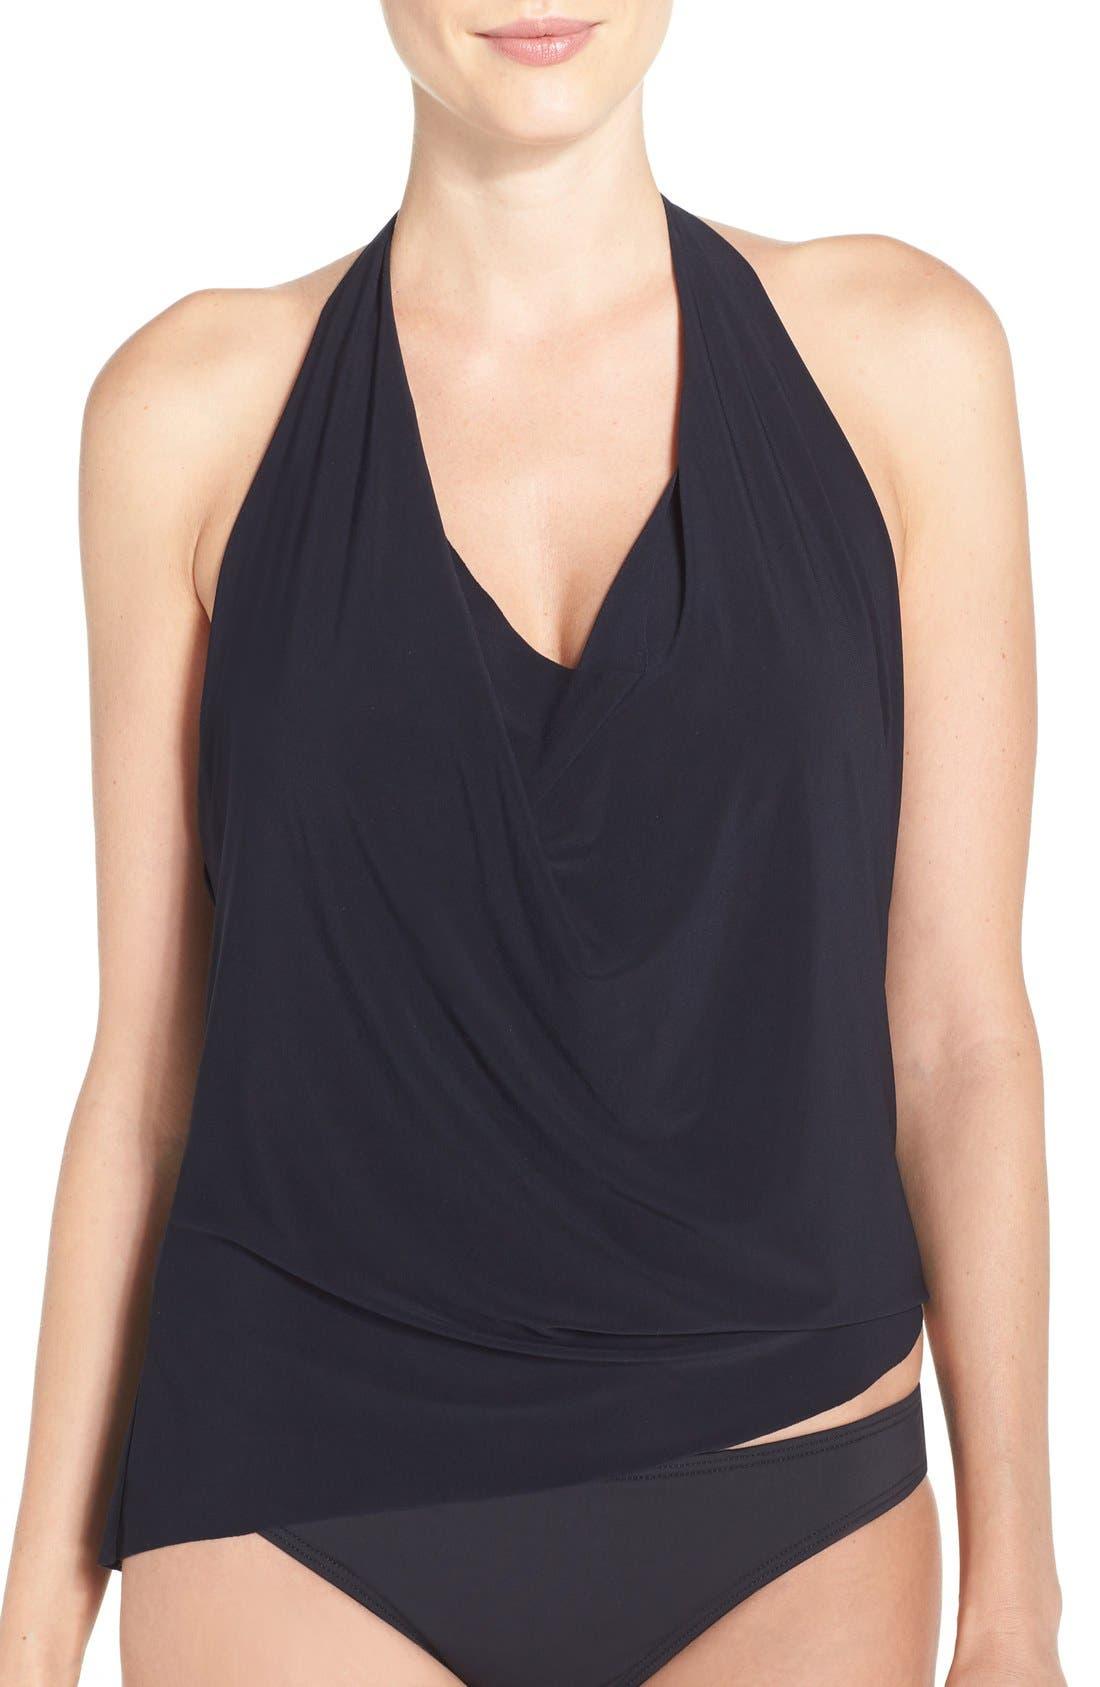 Sophie Shelf Bra Tankini Top,                         Main,                         color, Black